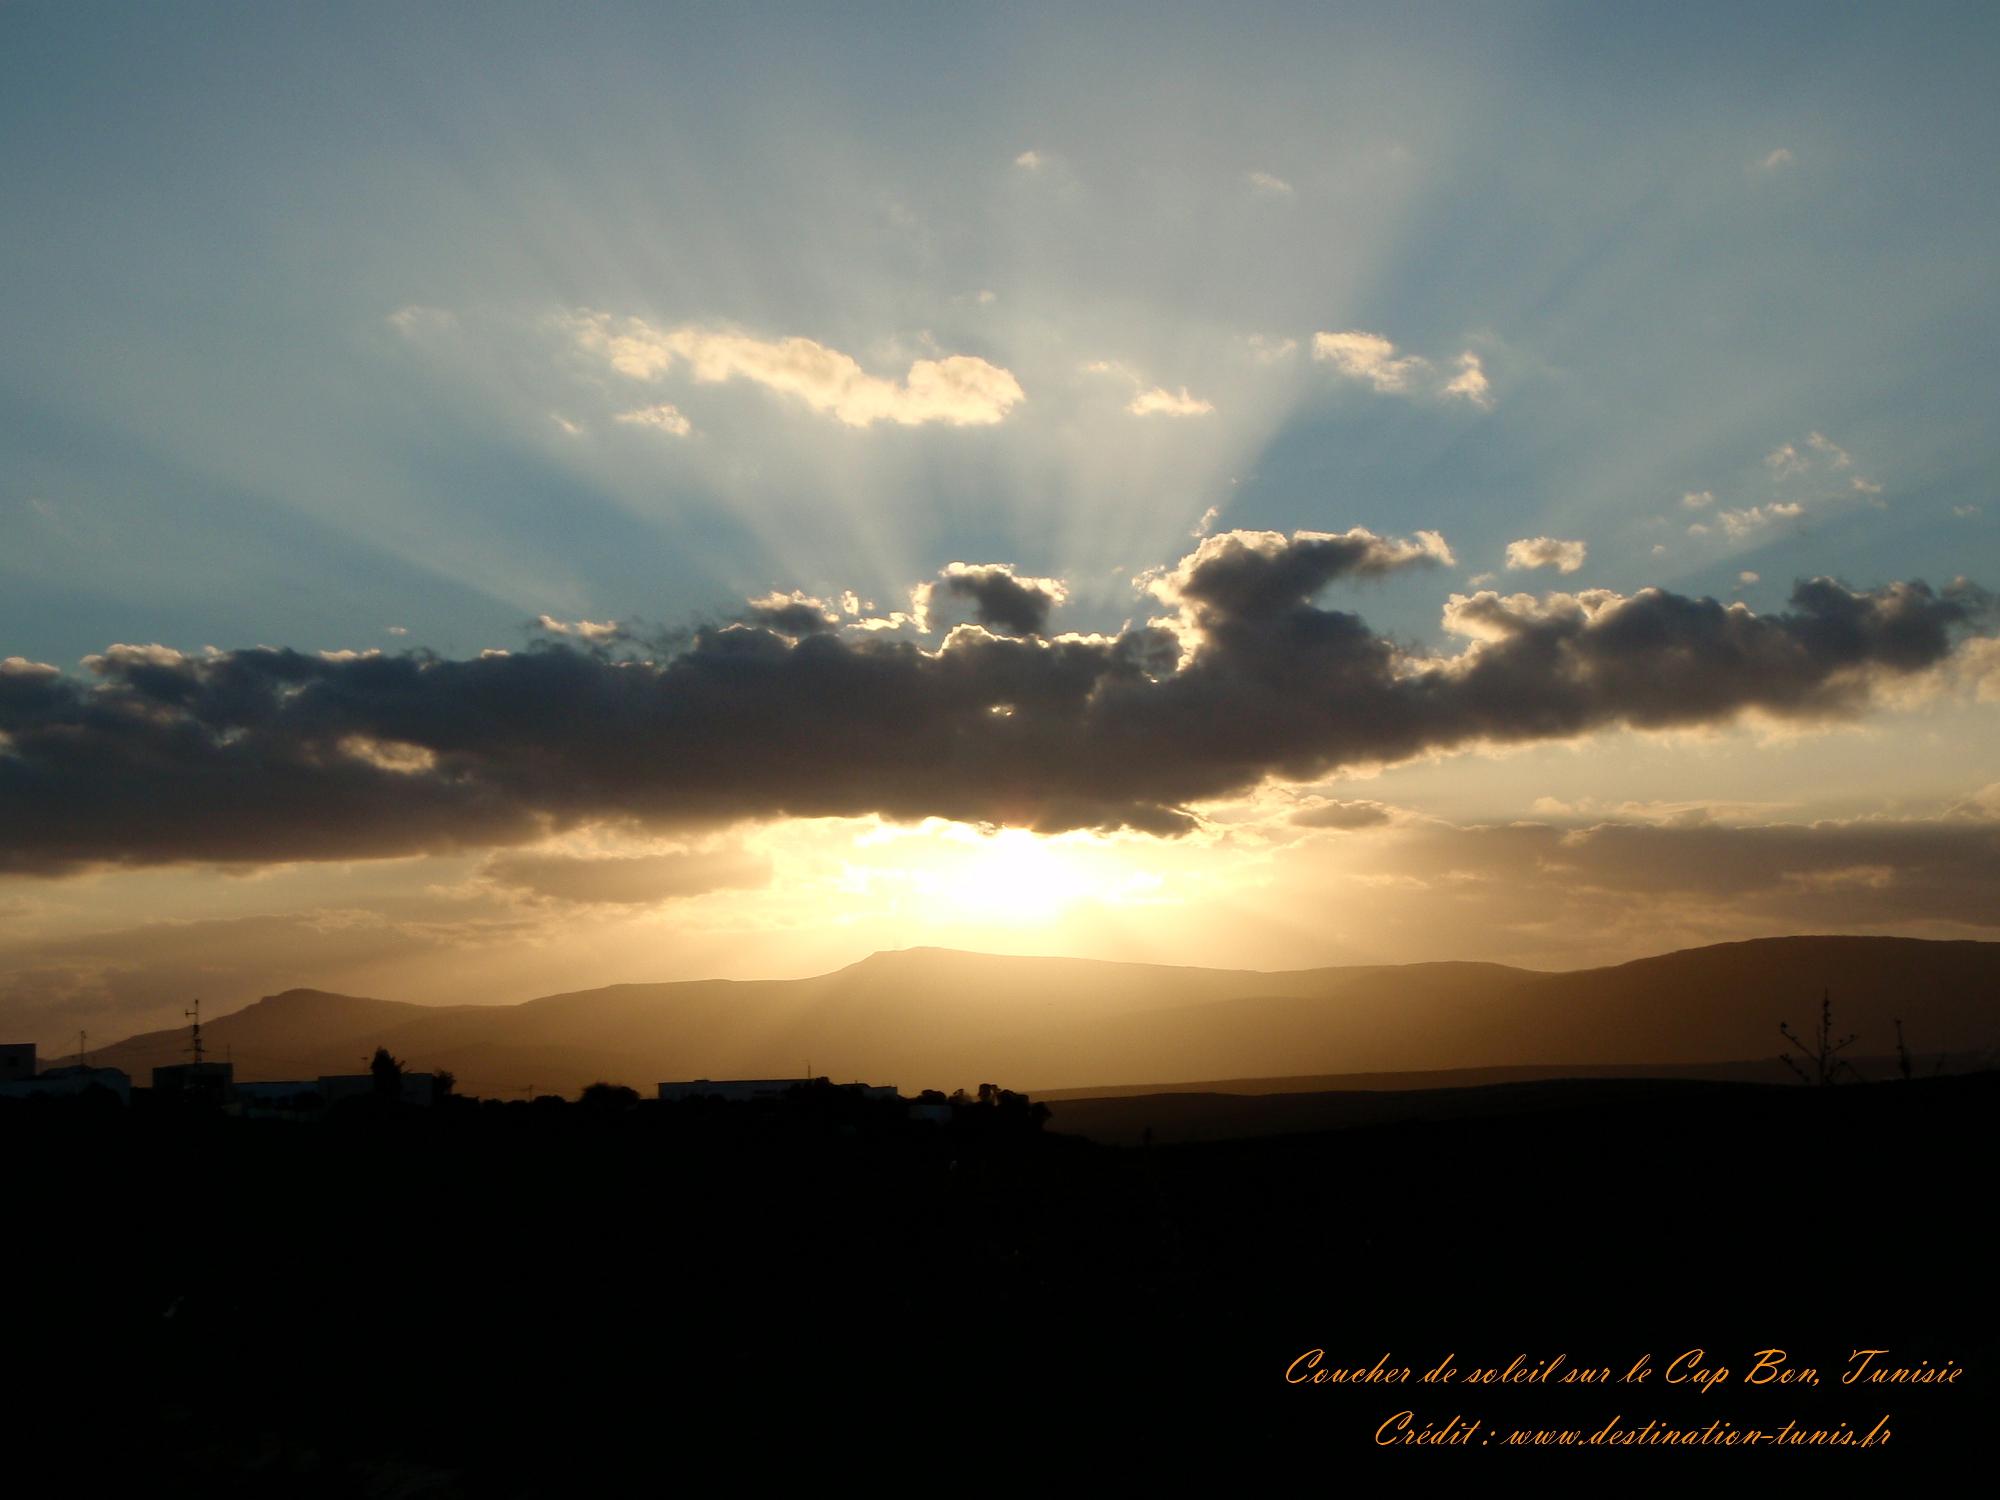 Fond d'écran Coucher de soleil Cap Bon Tunisie